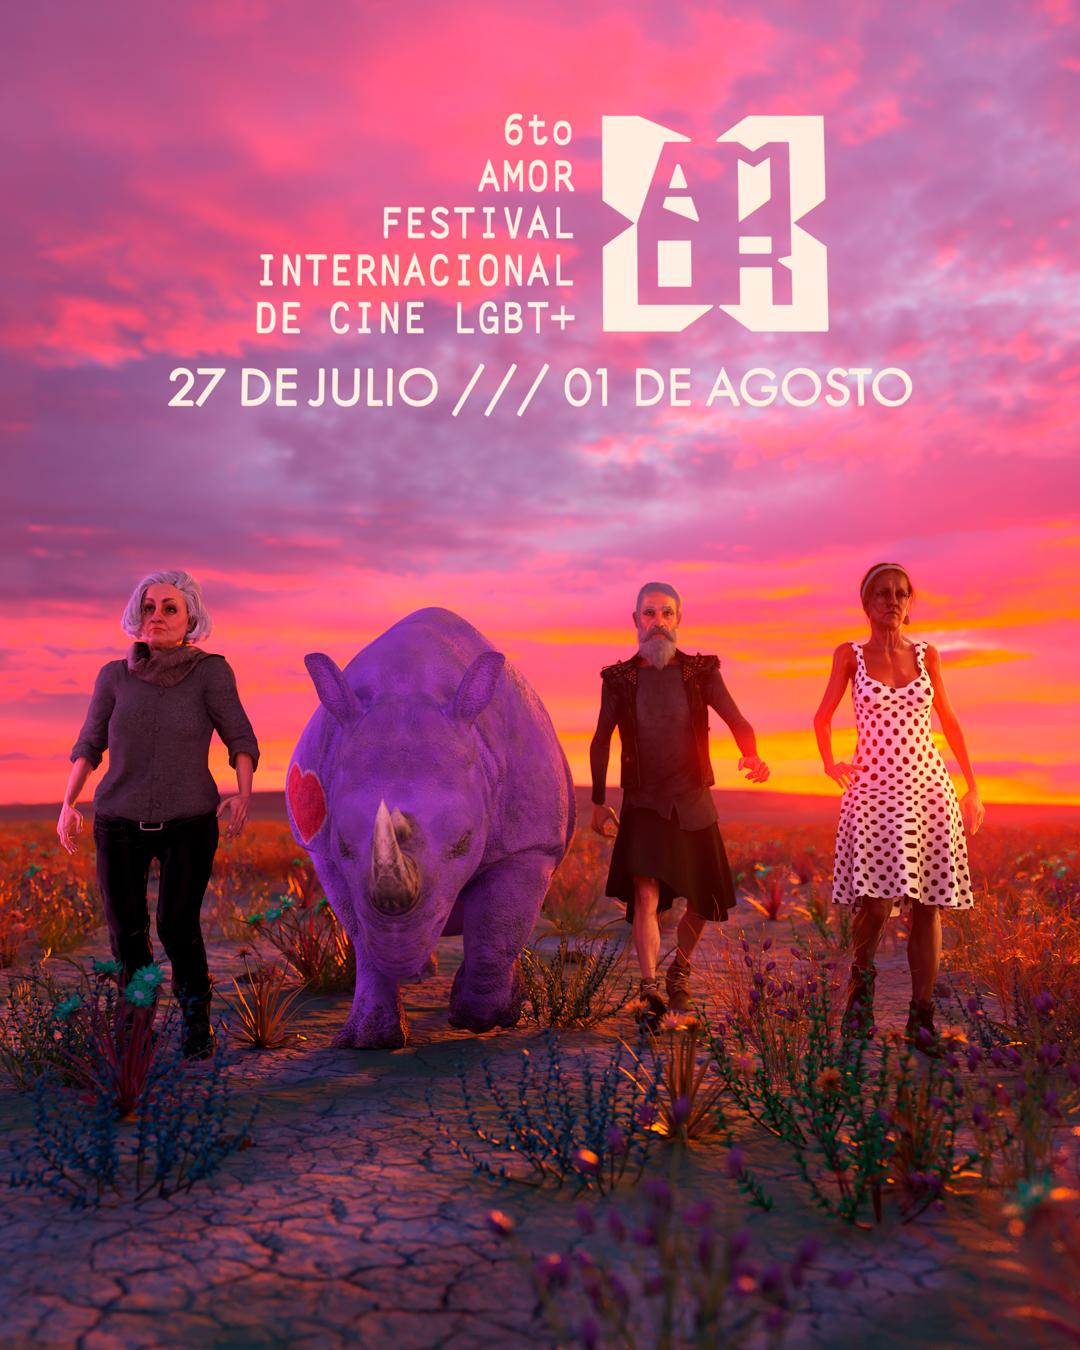 6to AMOR Festival anuncia la programación de su segunda edición 100% virtual y gratuita